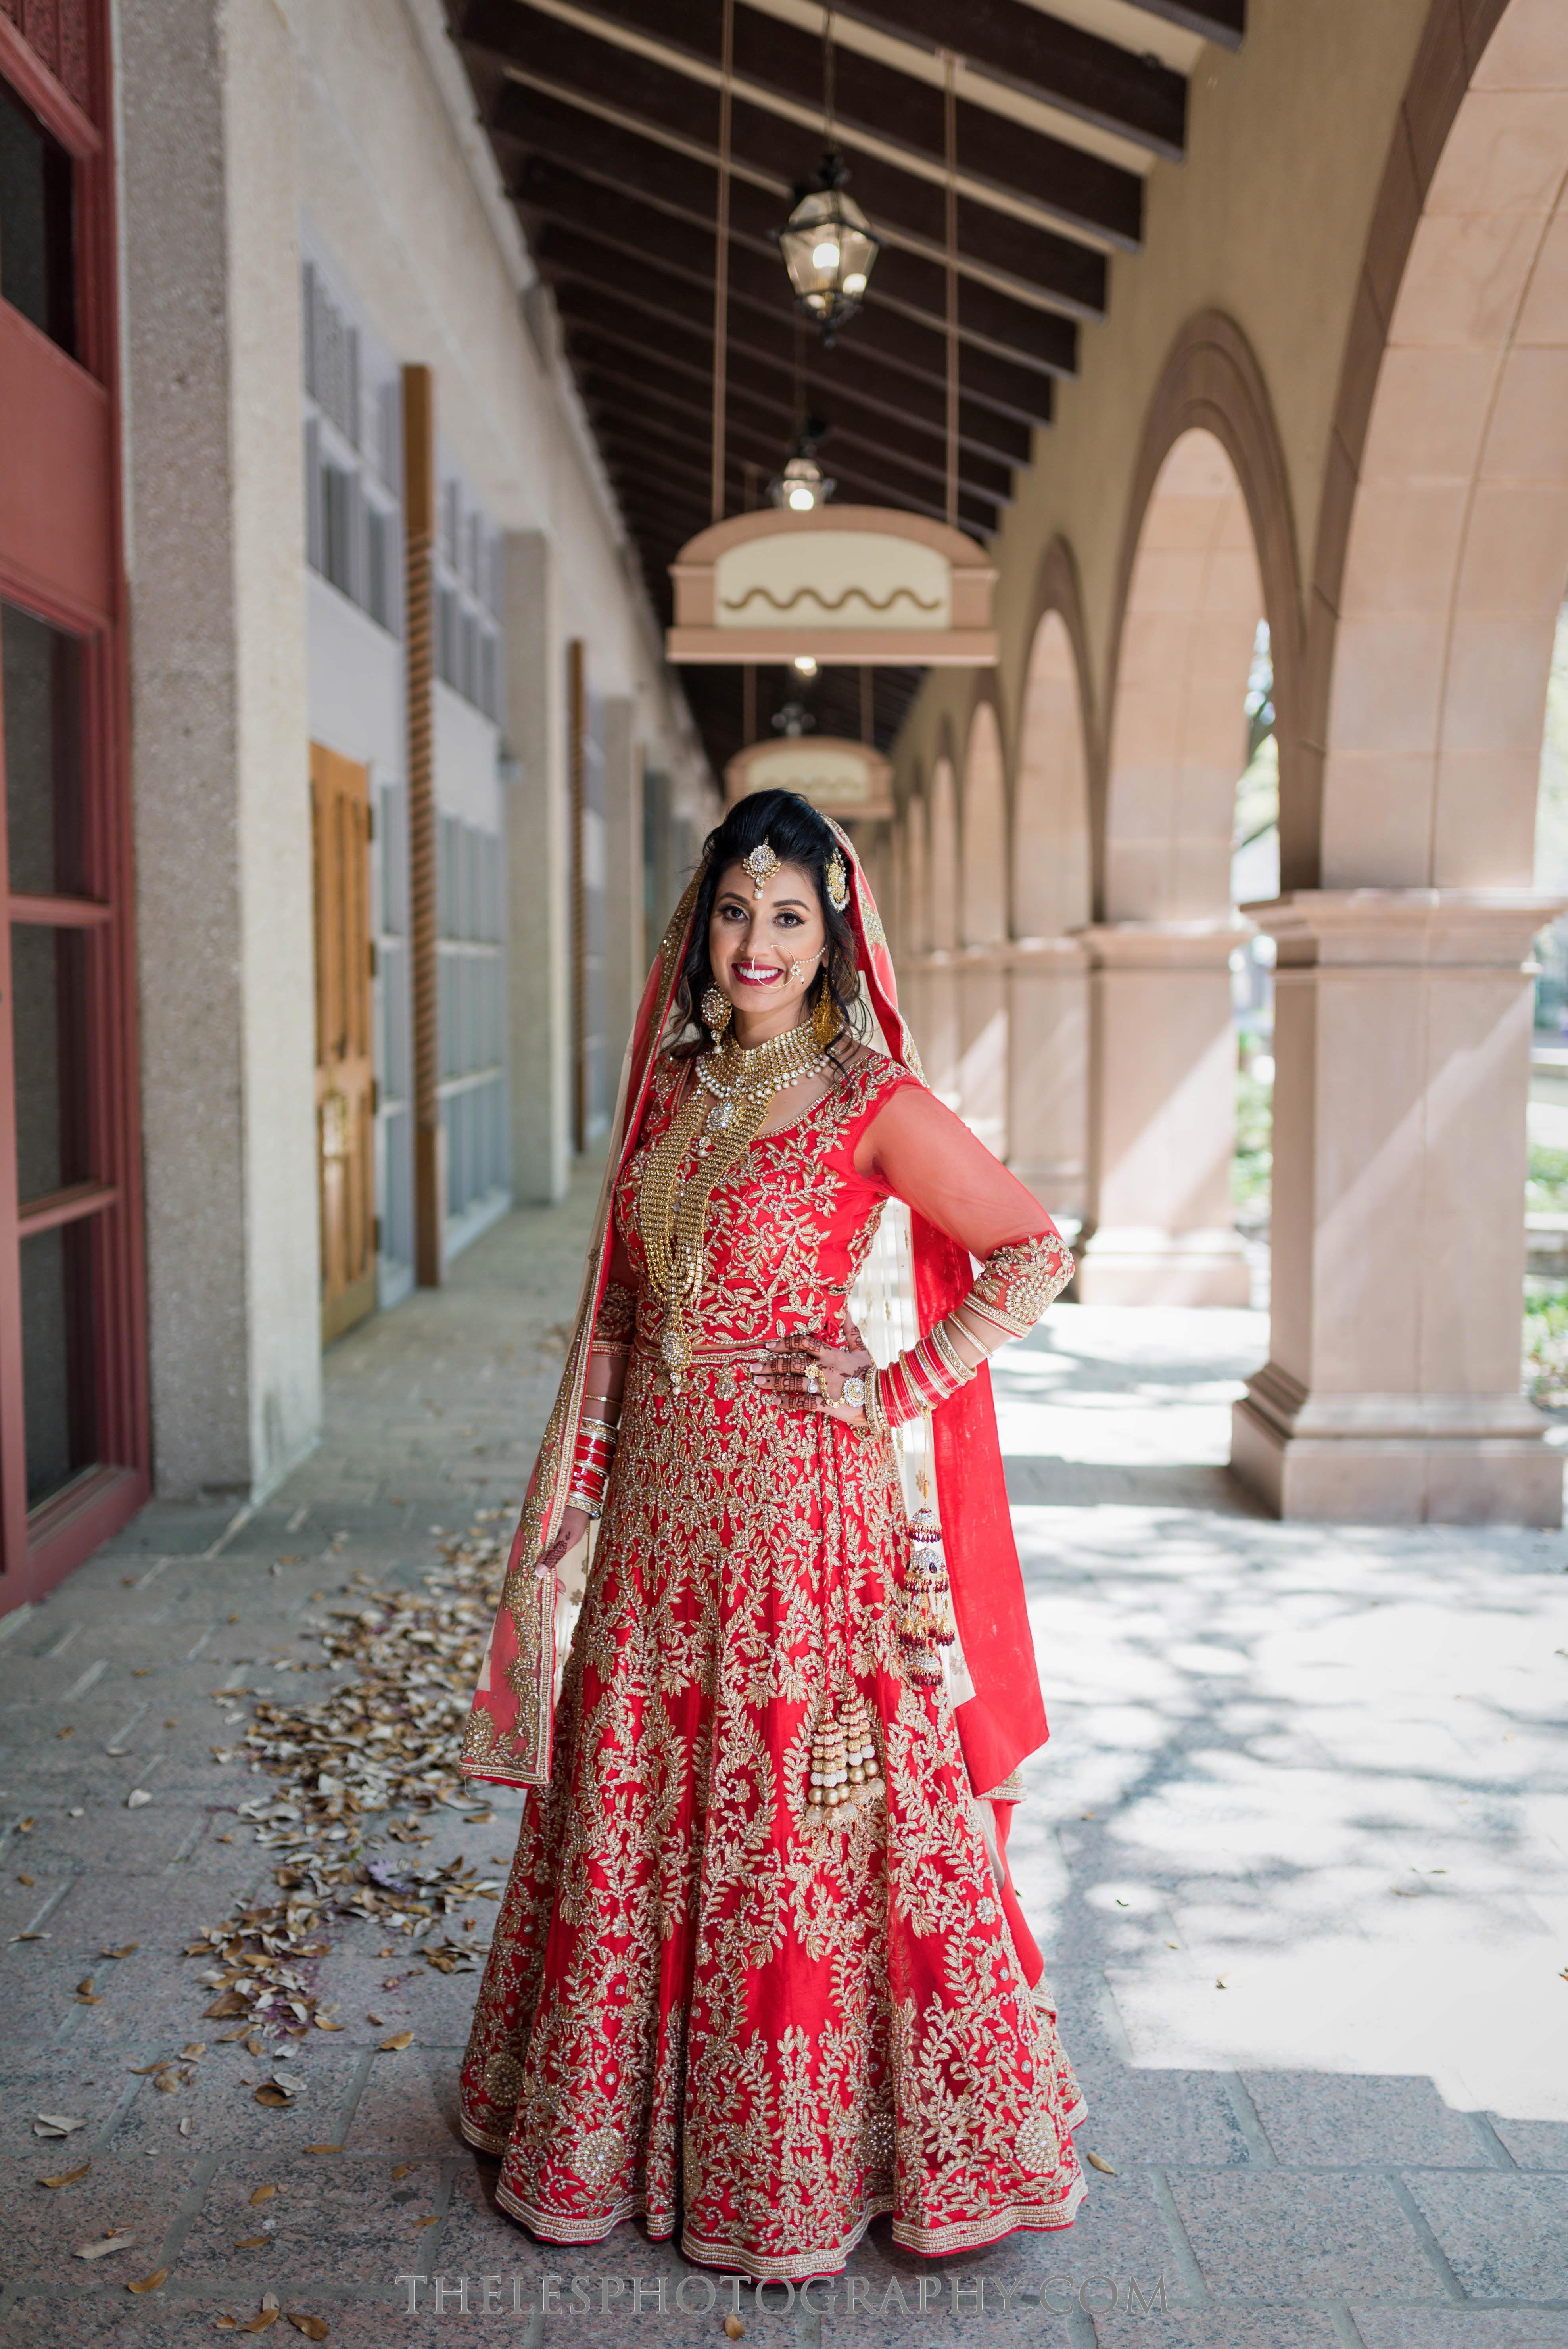 The Les Photography - Punjabi Wedding - Sikh Indian Wedding - Dallas Wedding Photographer 46